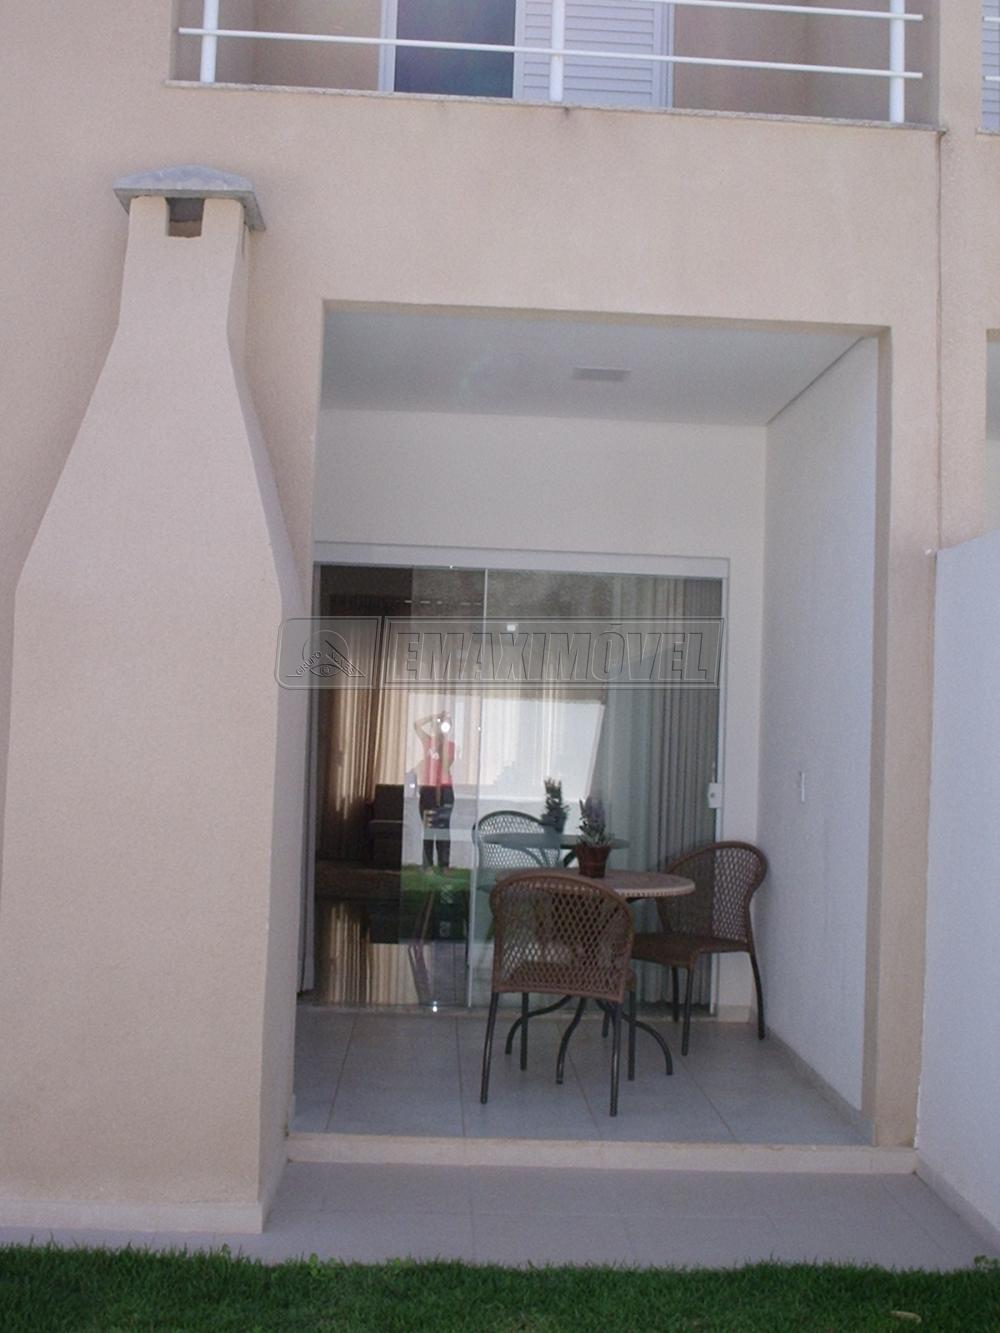 Comprar Casa / em Condomínios em Sorocaba R$ 630.000,00 - Foto 6